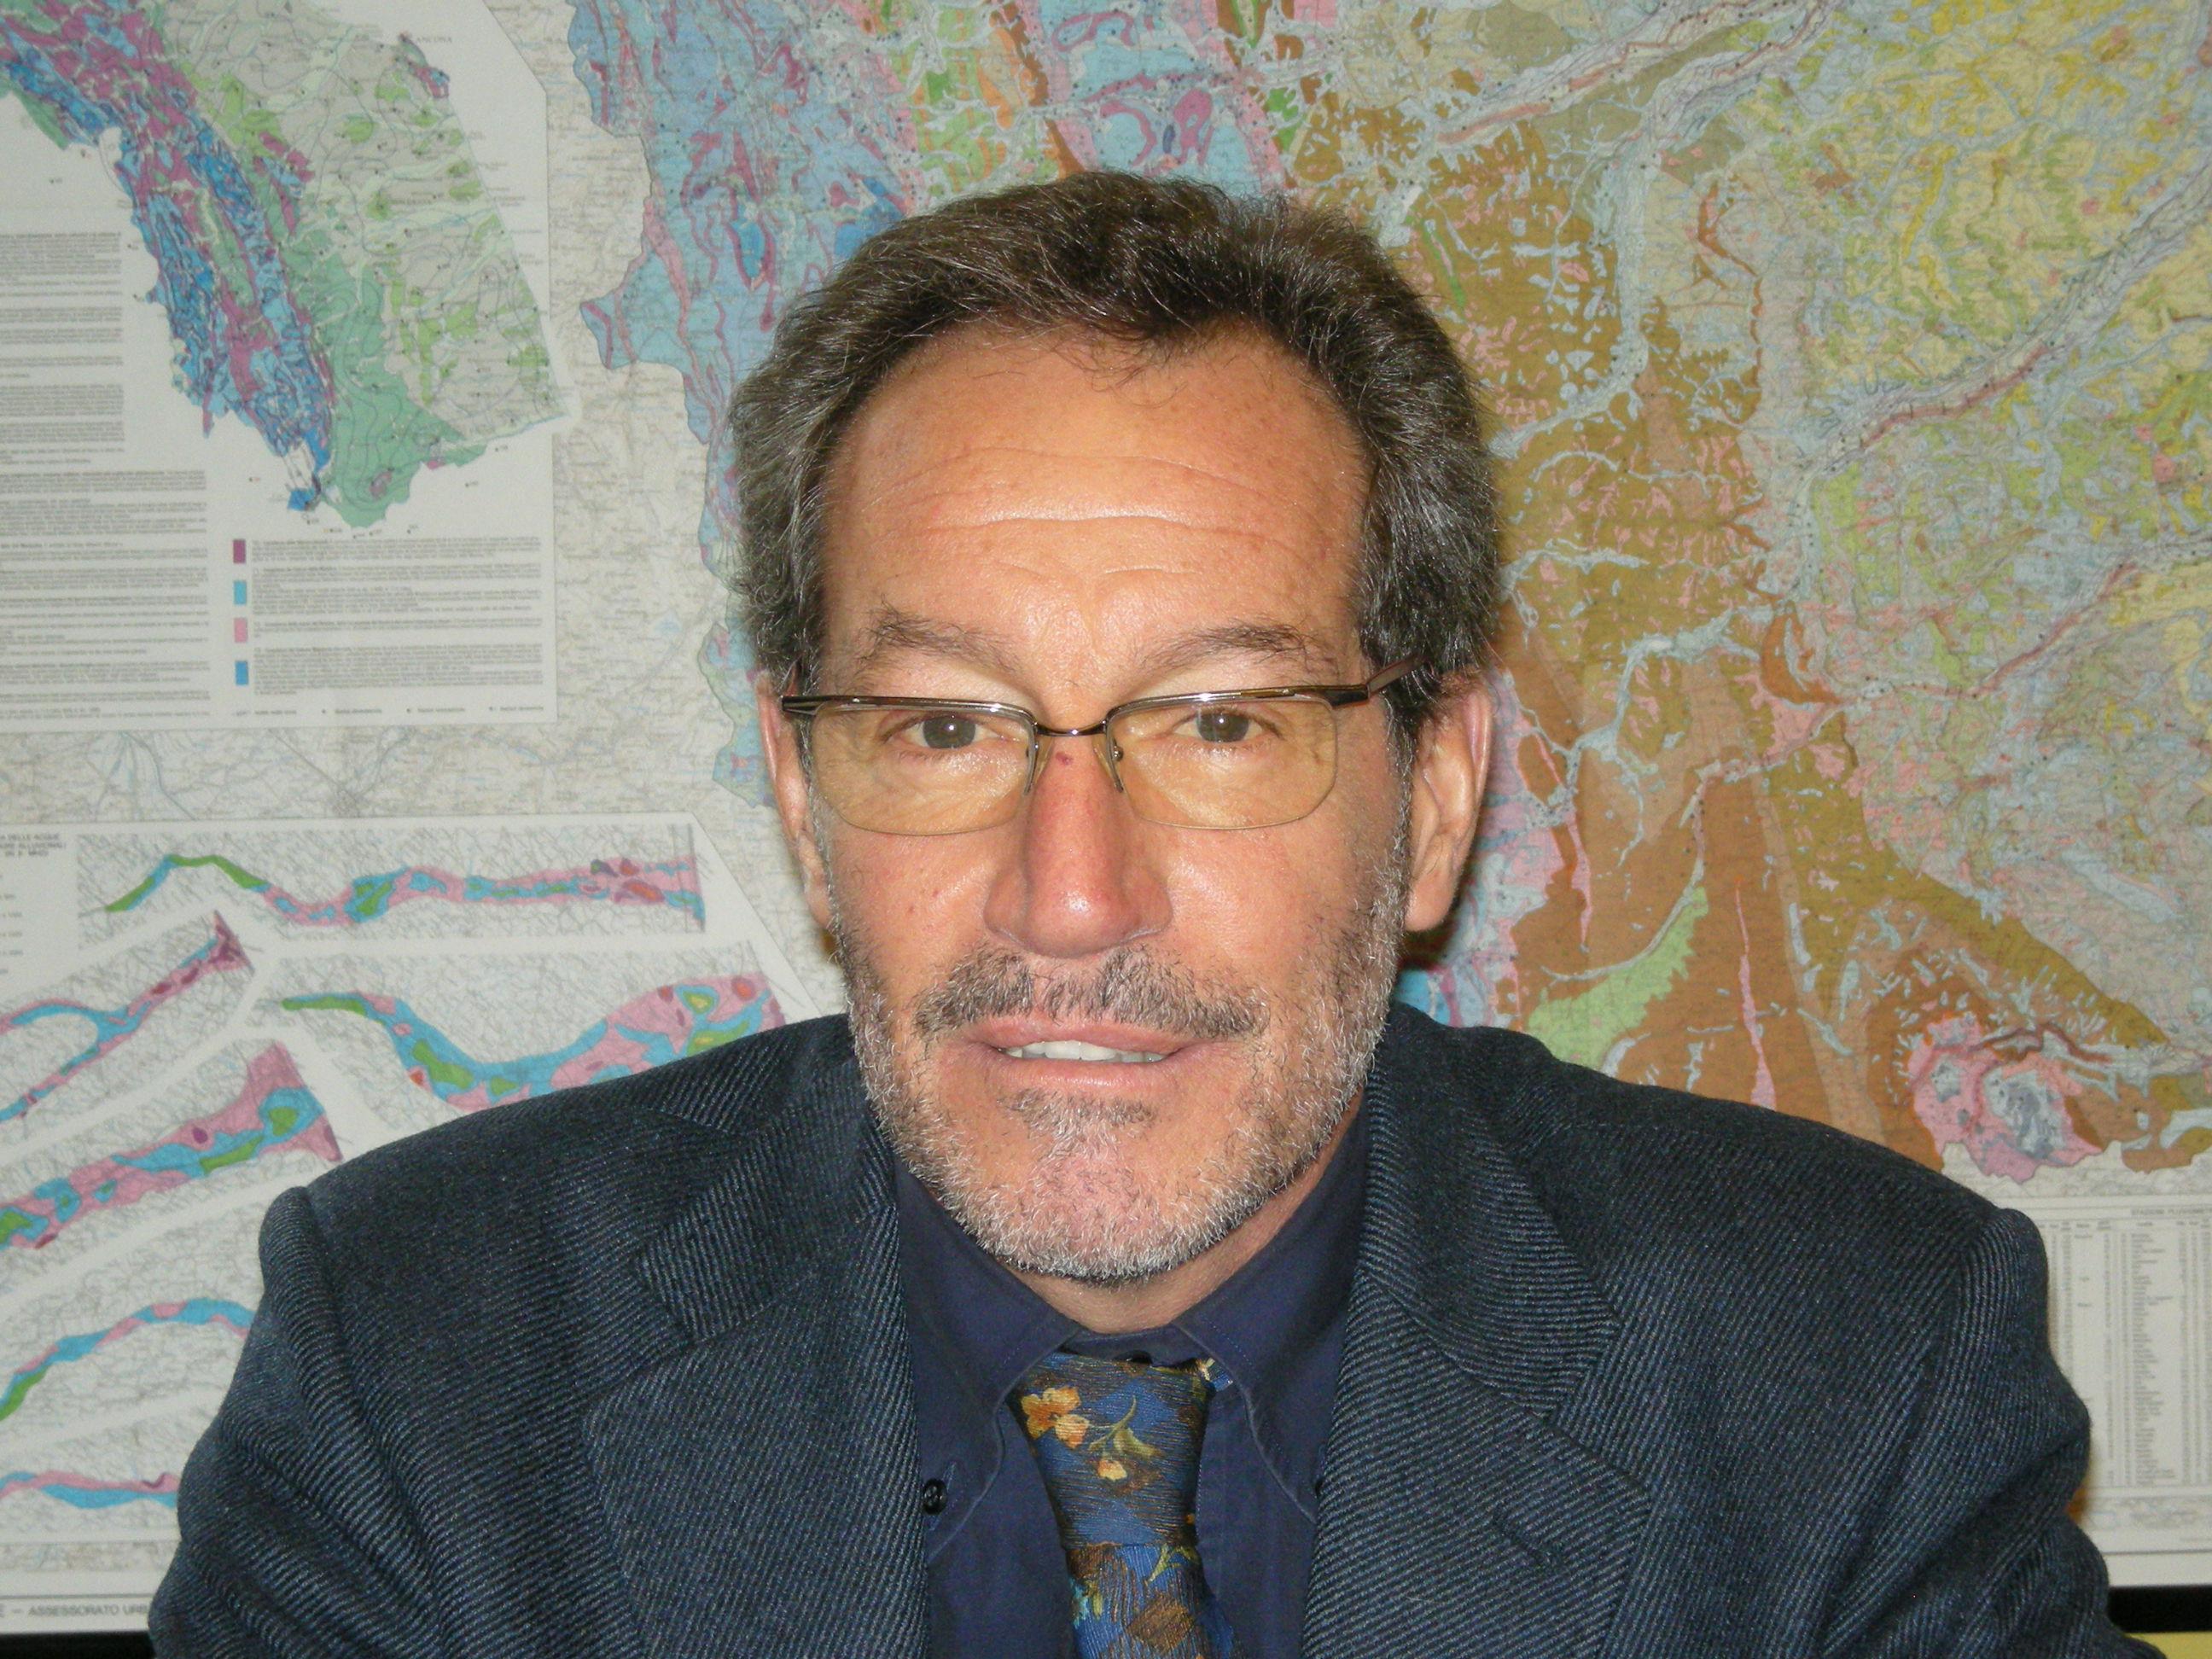 Enrico Gennari